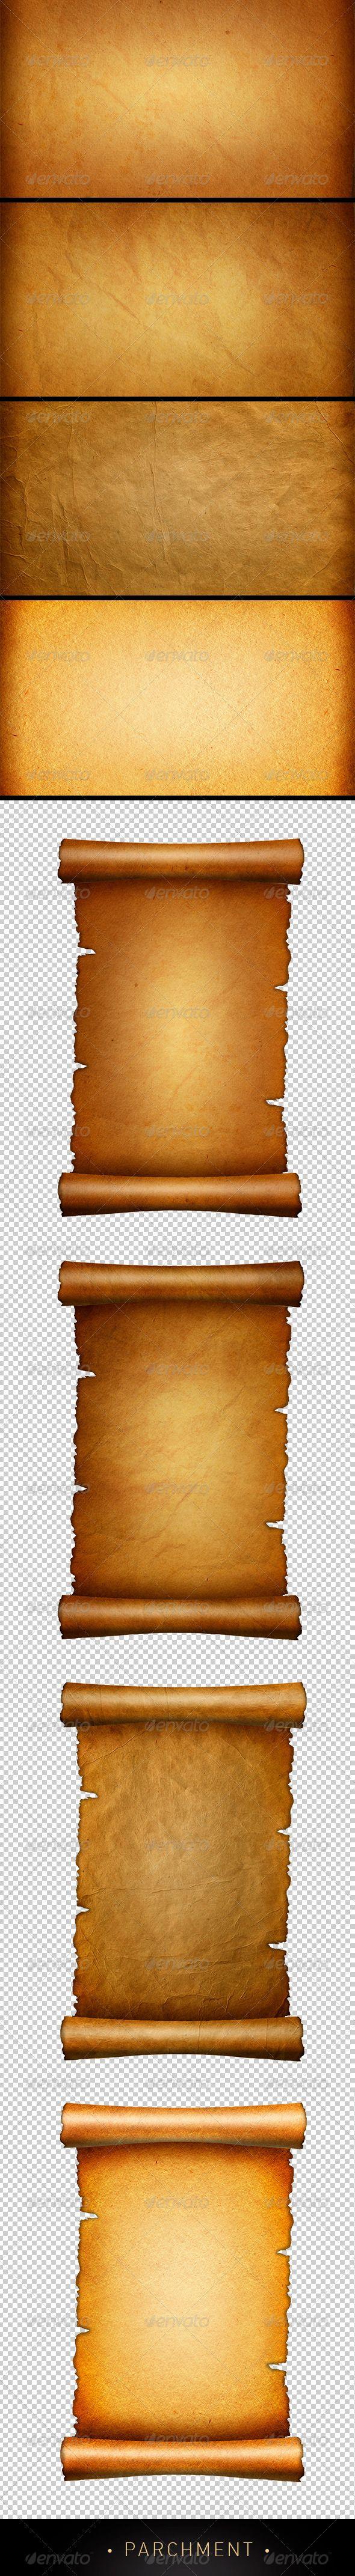 Parchment #Texture - Paper Textures Download here: https://graphicriver.net/item/parchment-texture/7814403?ref=alena994